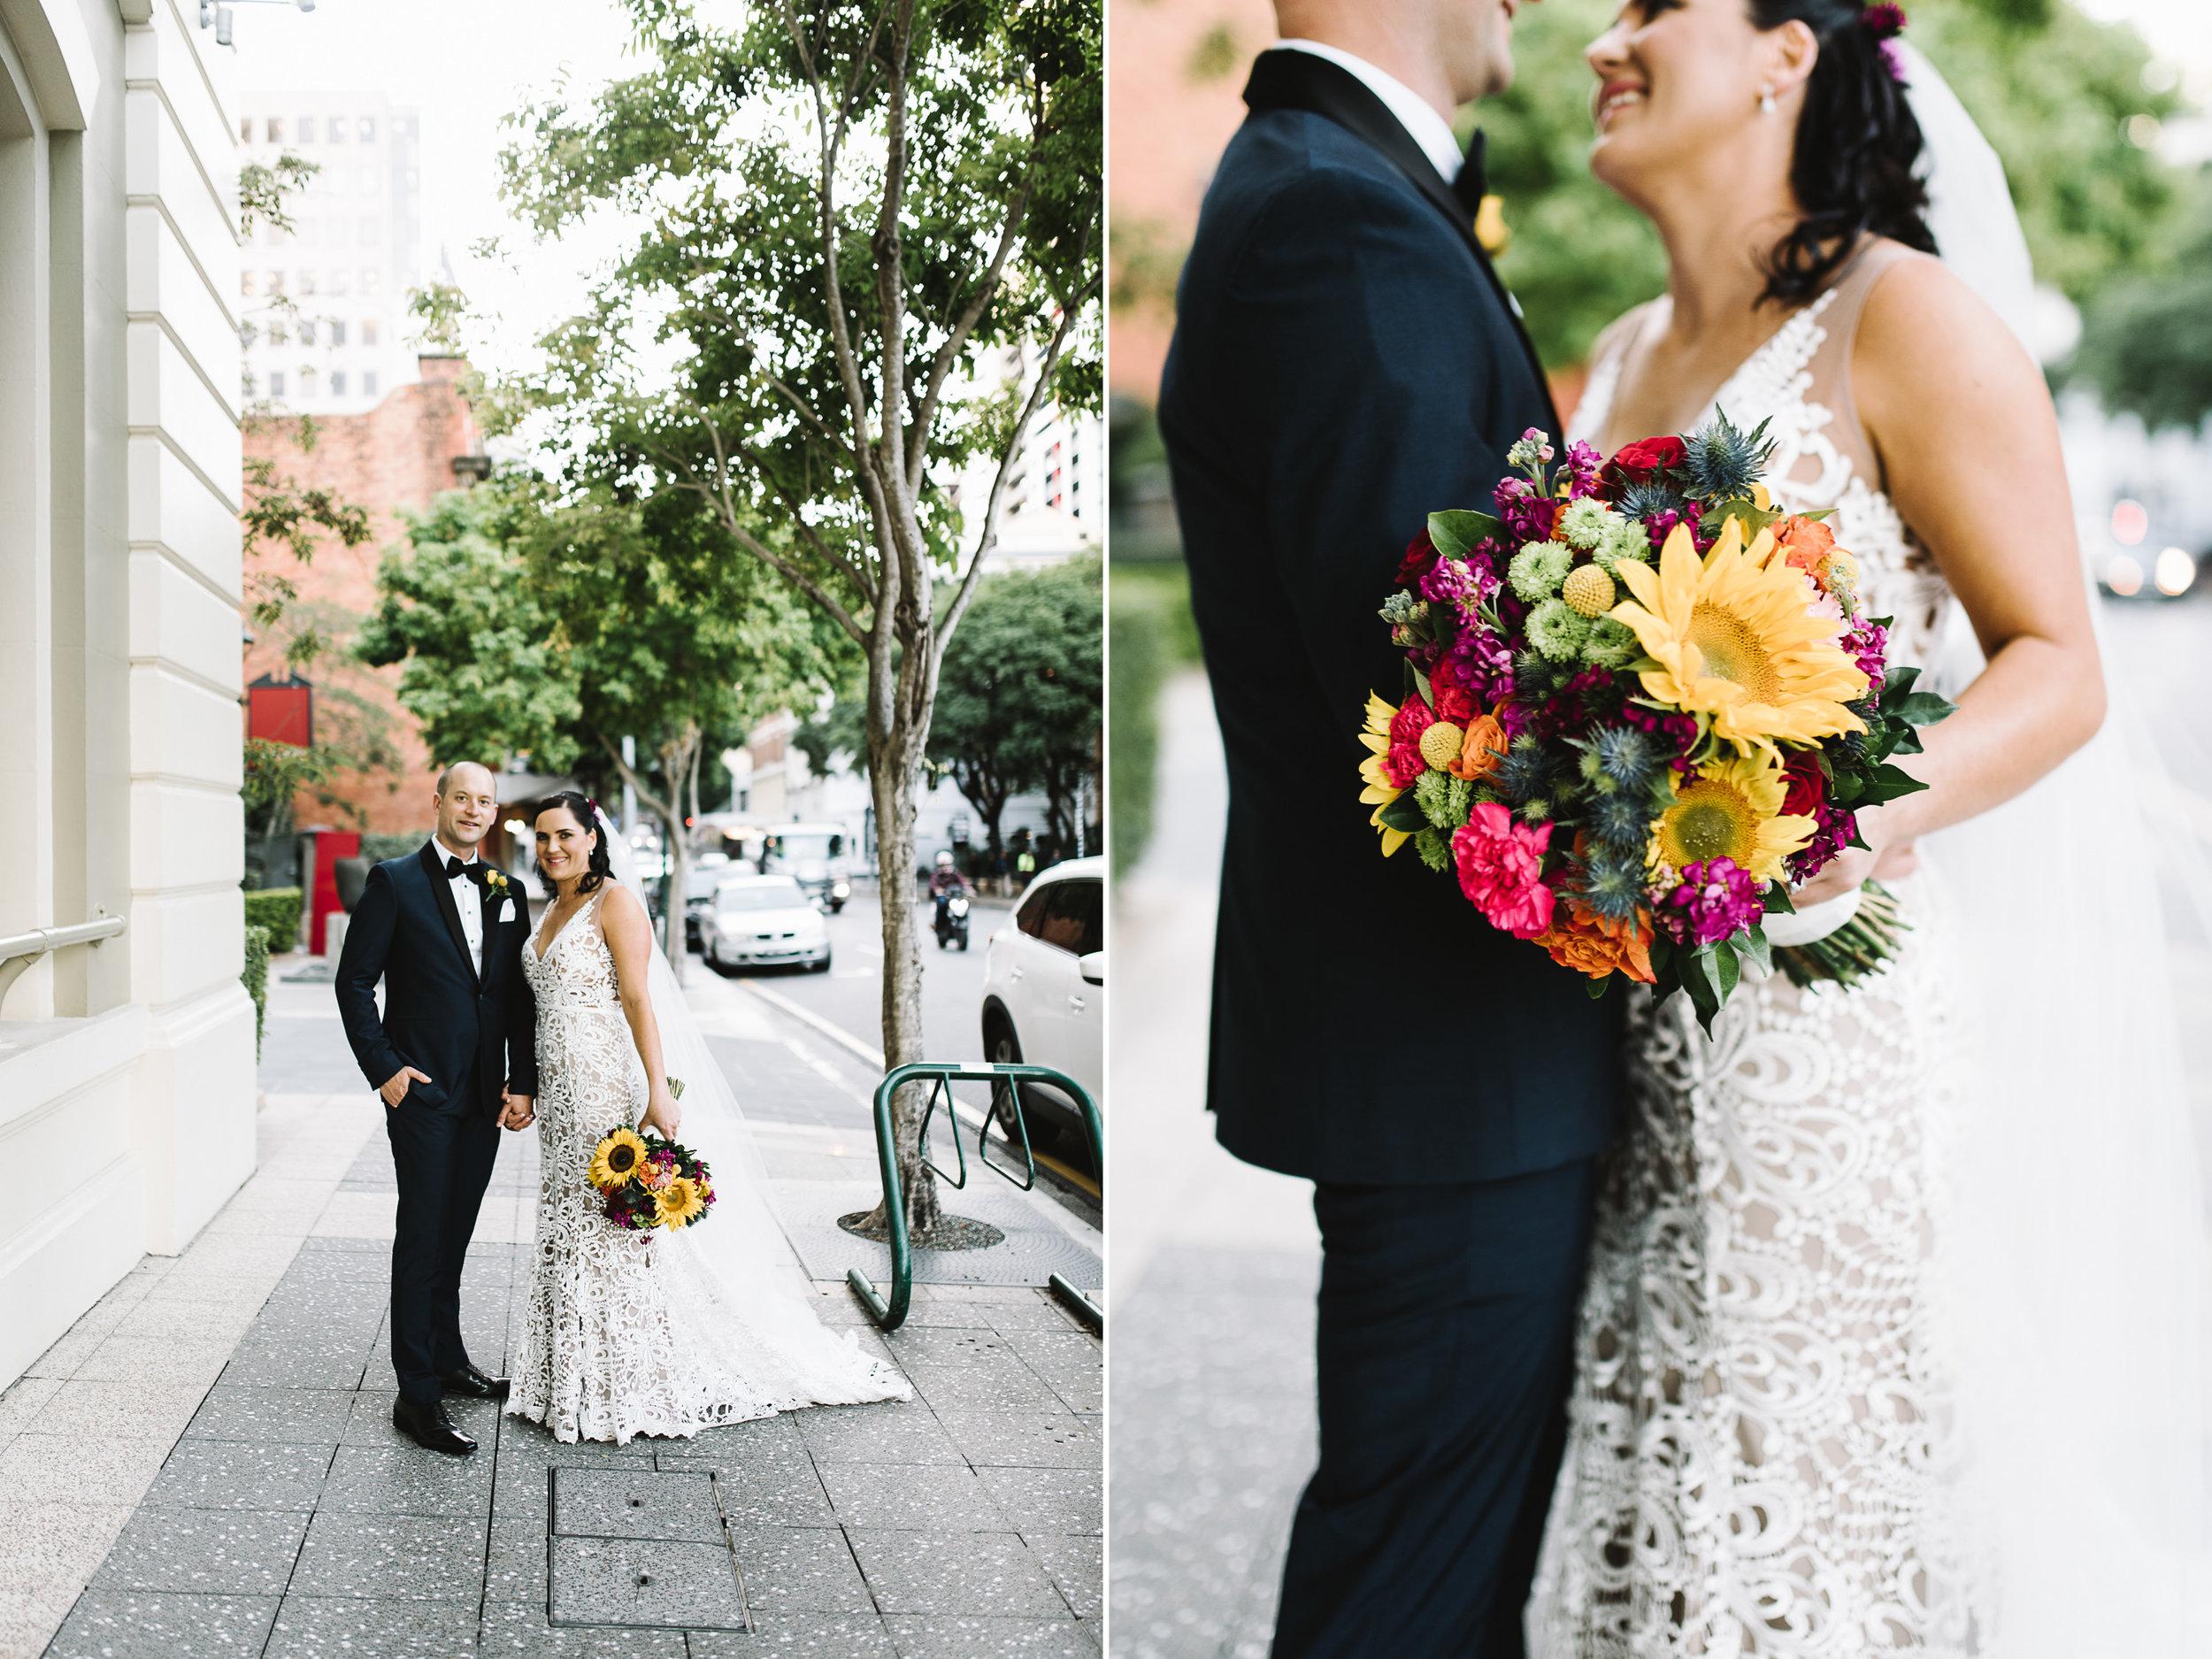 stamford-plaza-brisbane-wedding-22.jpg